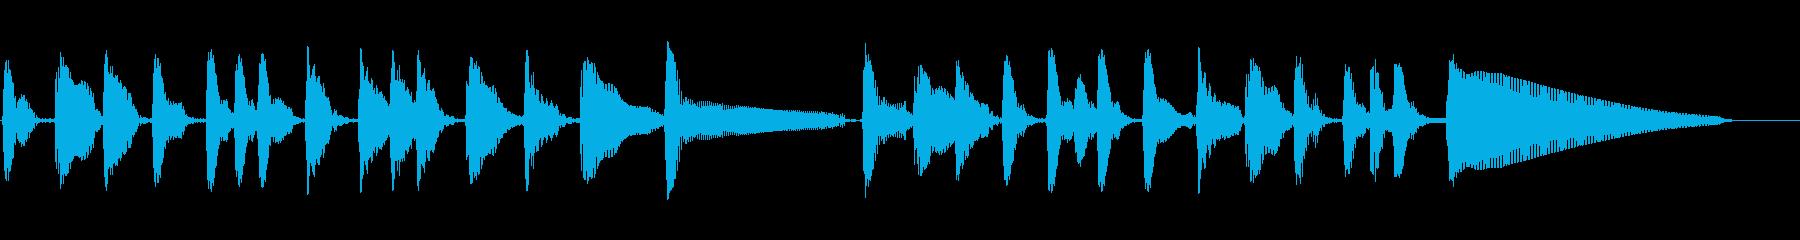 アコースティックベース:トラックト...の再生済みの波形